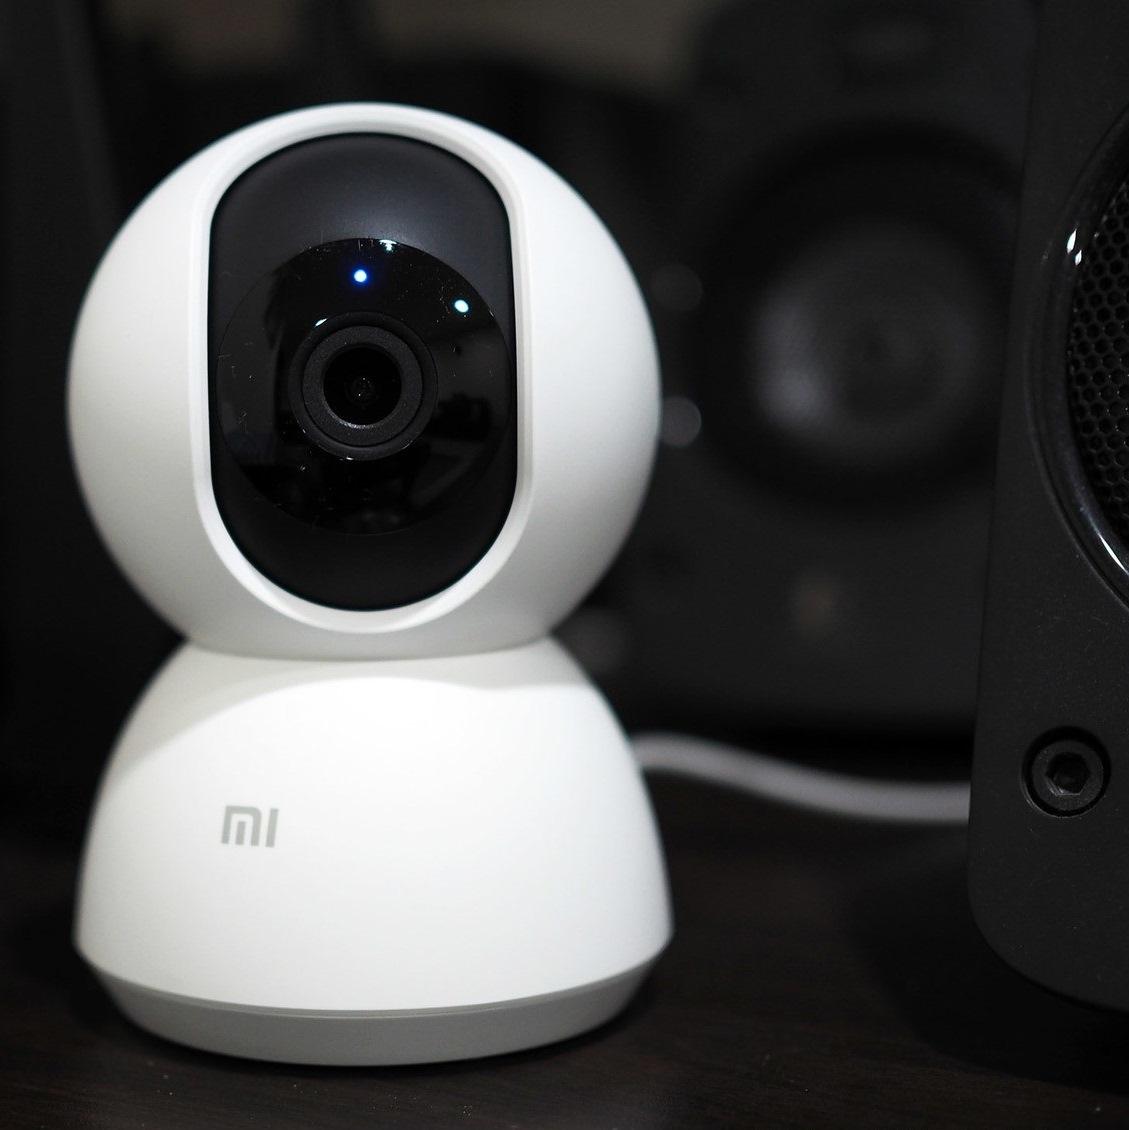 מצלמת אבטחה WIFI מבית XIAOMI דגם Mi Home Security Camera 360° - תמונה 2